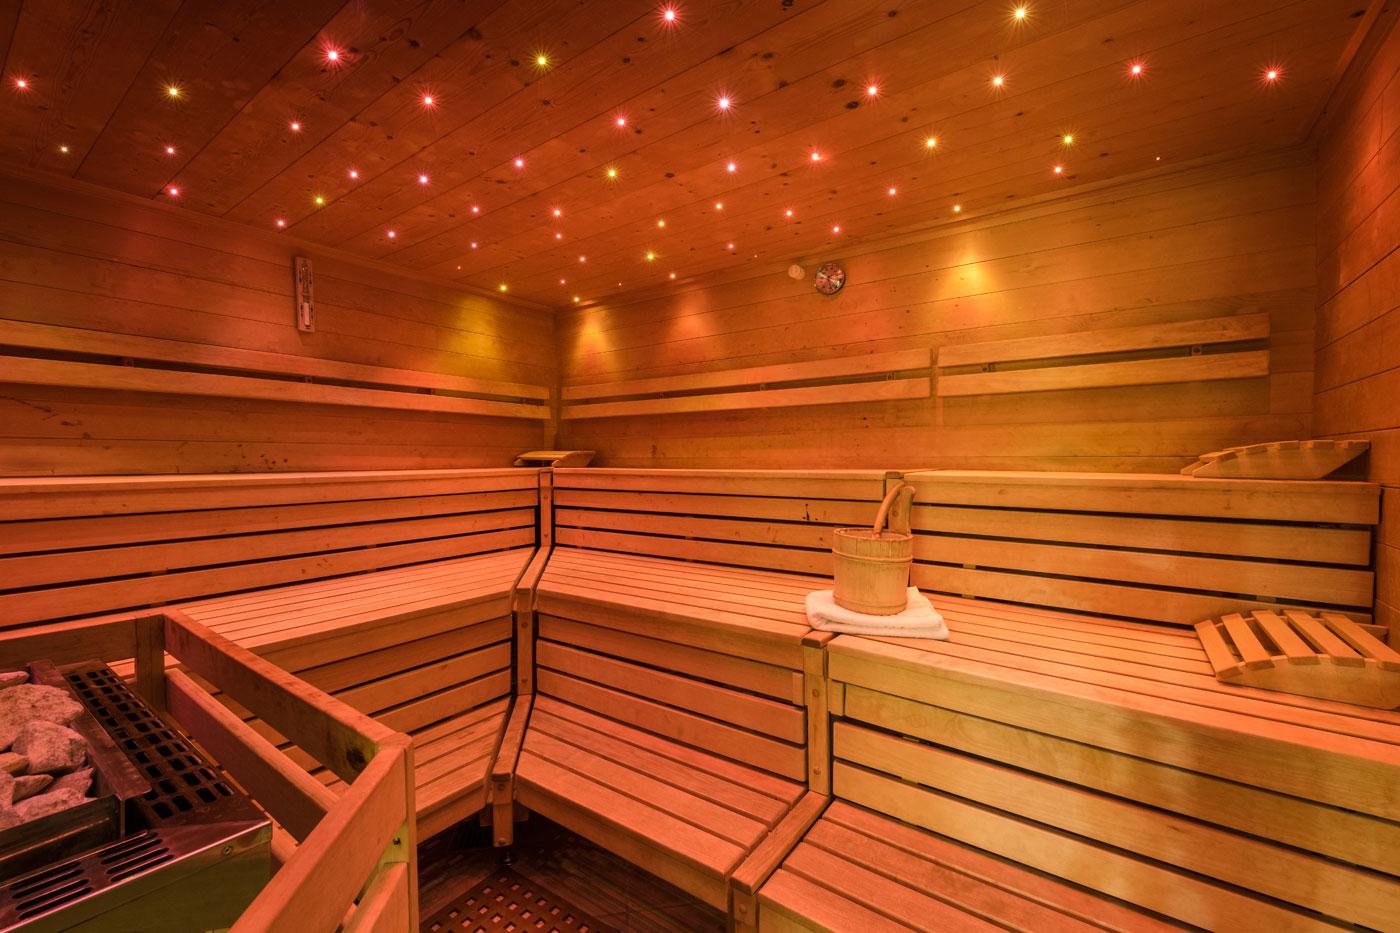 Bildergalerie Des 3 Sterne Superior Hotel Waldruh